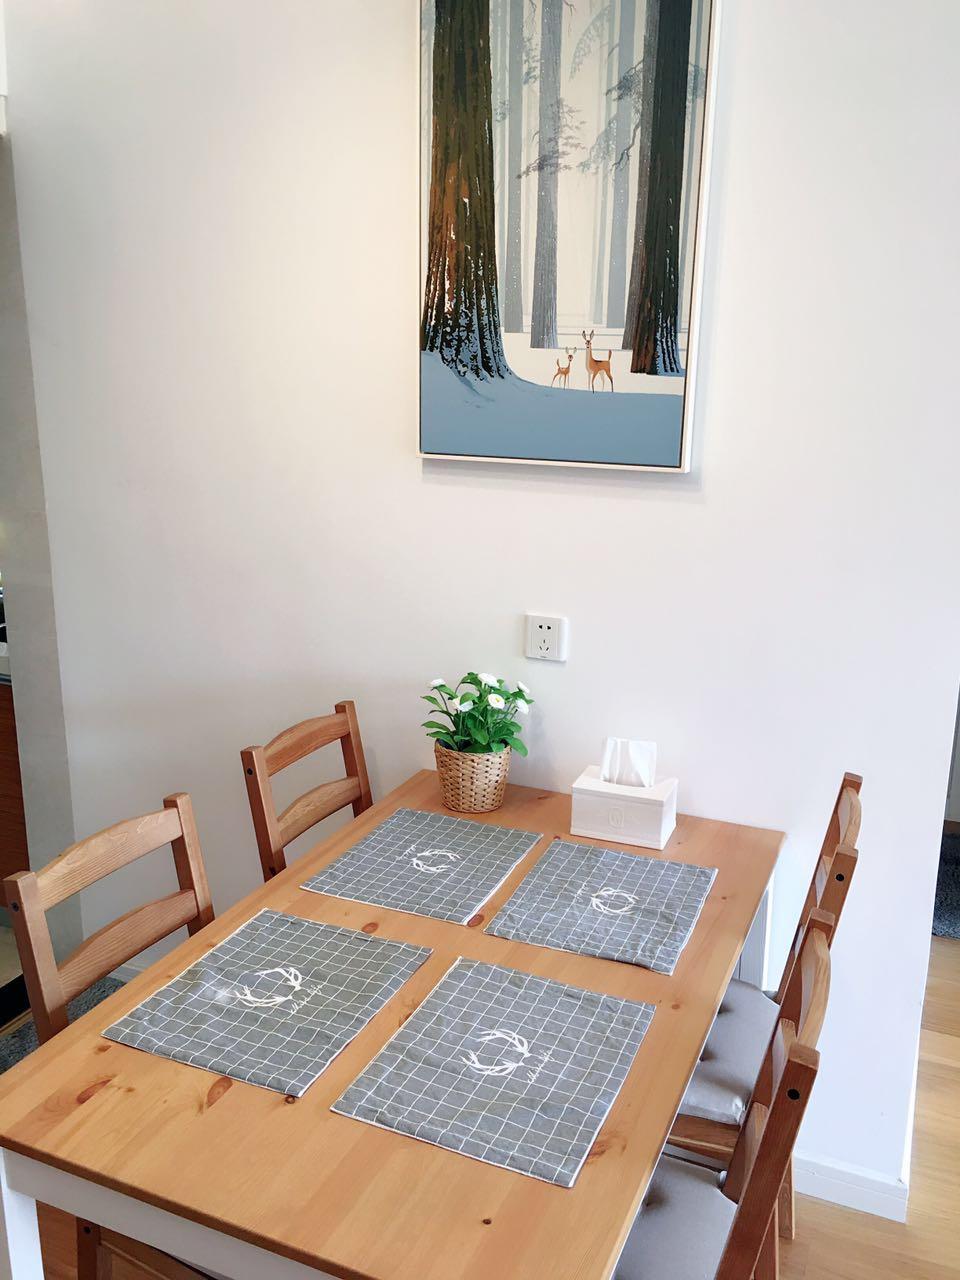 餐厅采用的也是北欧风的简约实木餐桌,一种自然地舒适感油然而生。